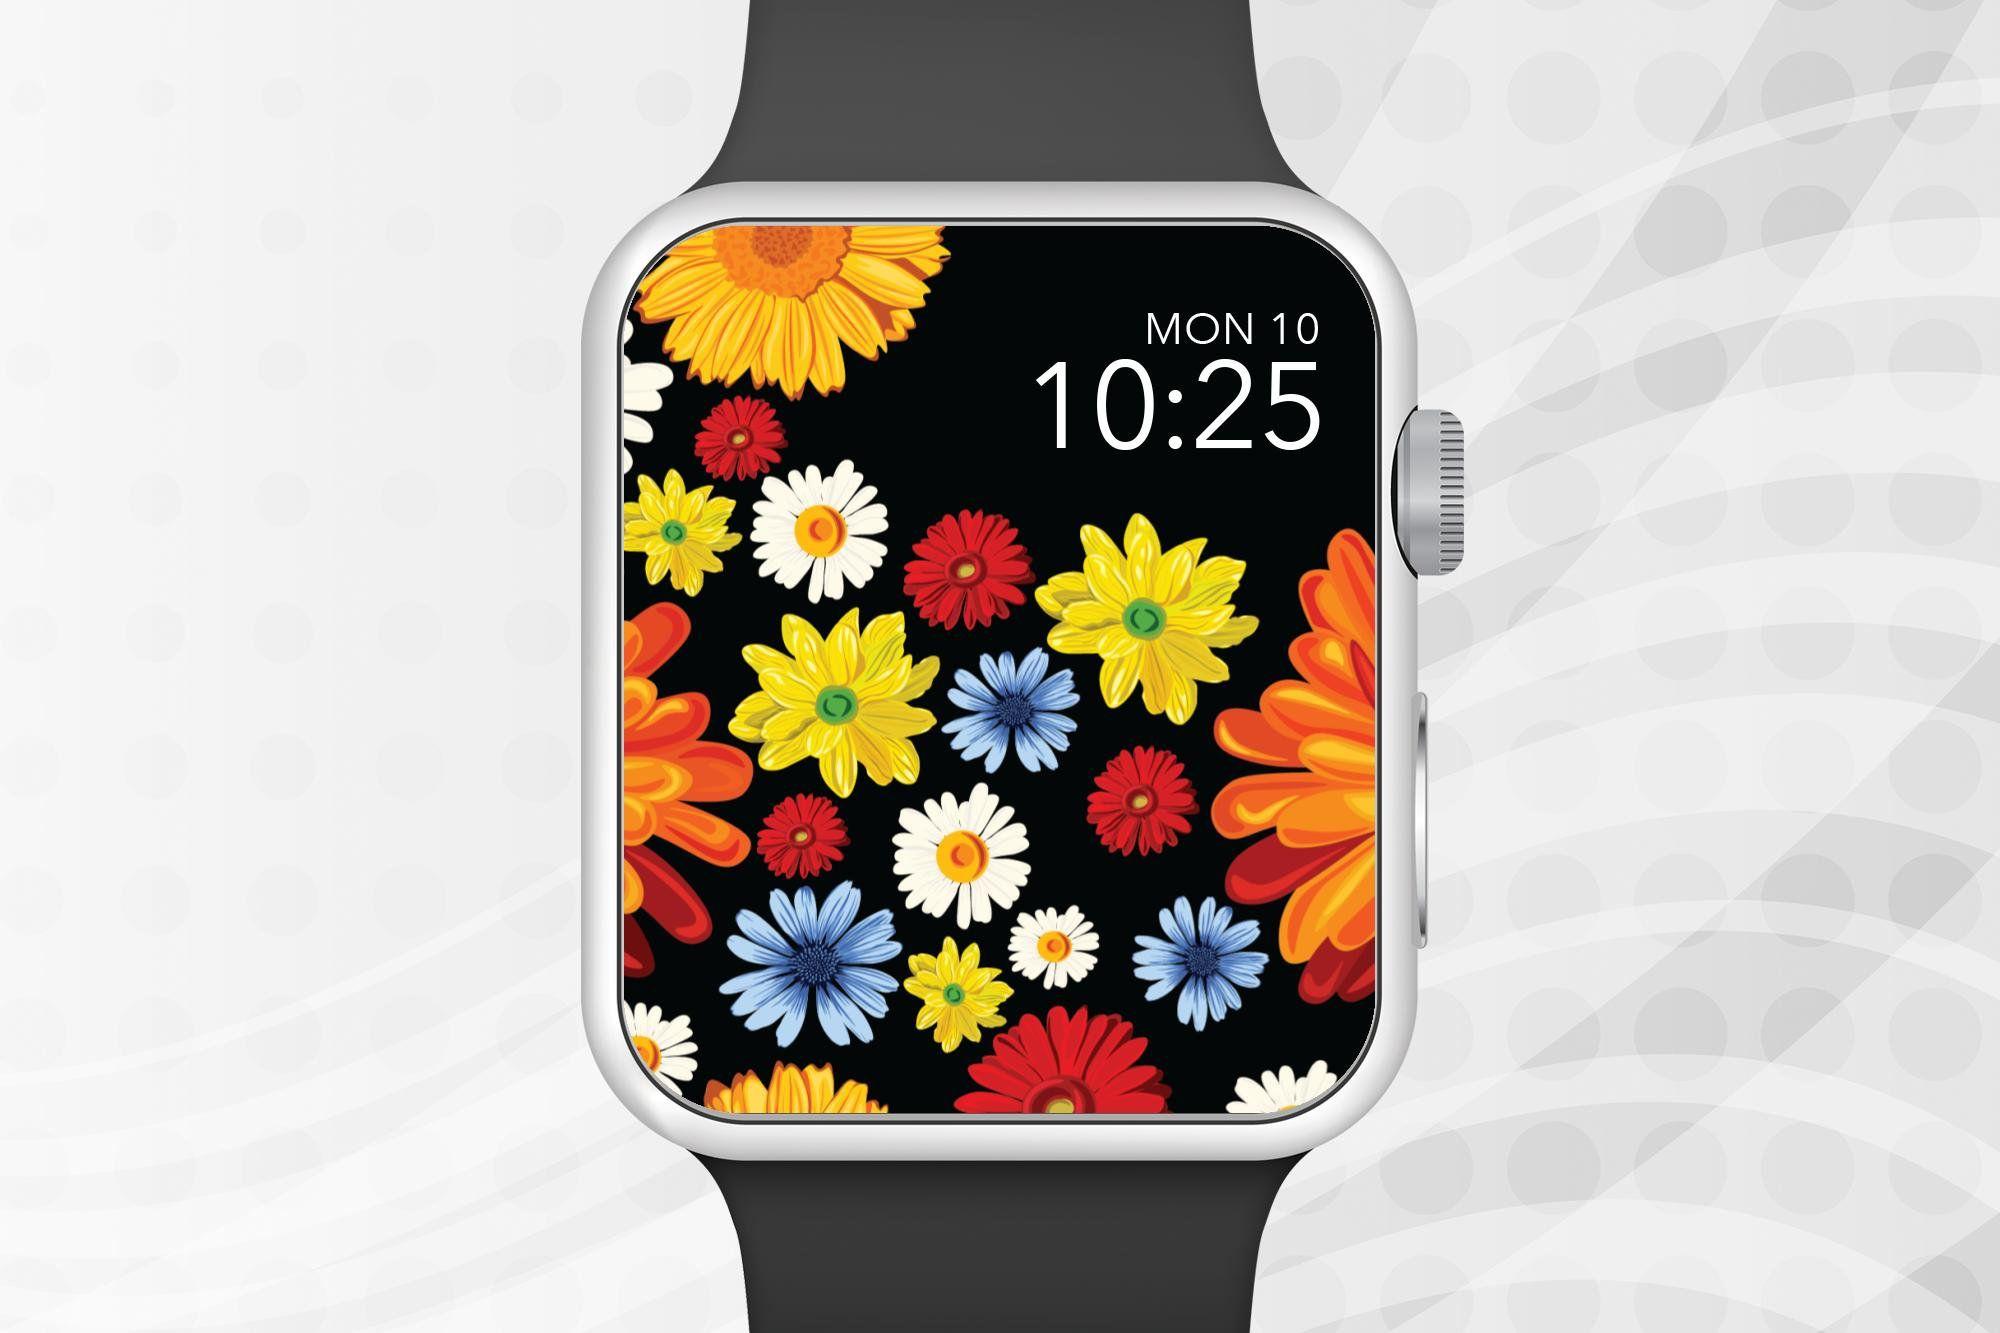 Apple Watch Wallpaper Colorful Flowers Apple Watch Face Etsy In 2021 Apple Watch Wallpaper Apple Watch Faces Apple Watch Anime apple watch face wallpaper hd